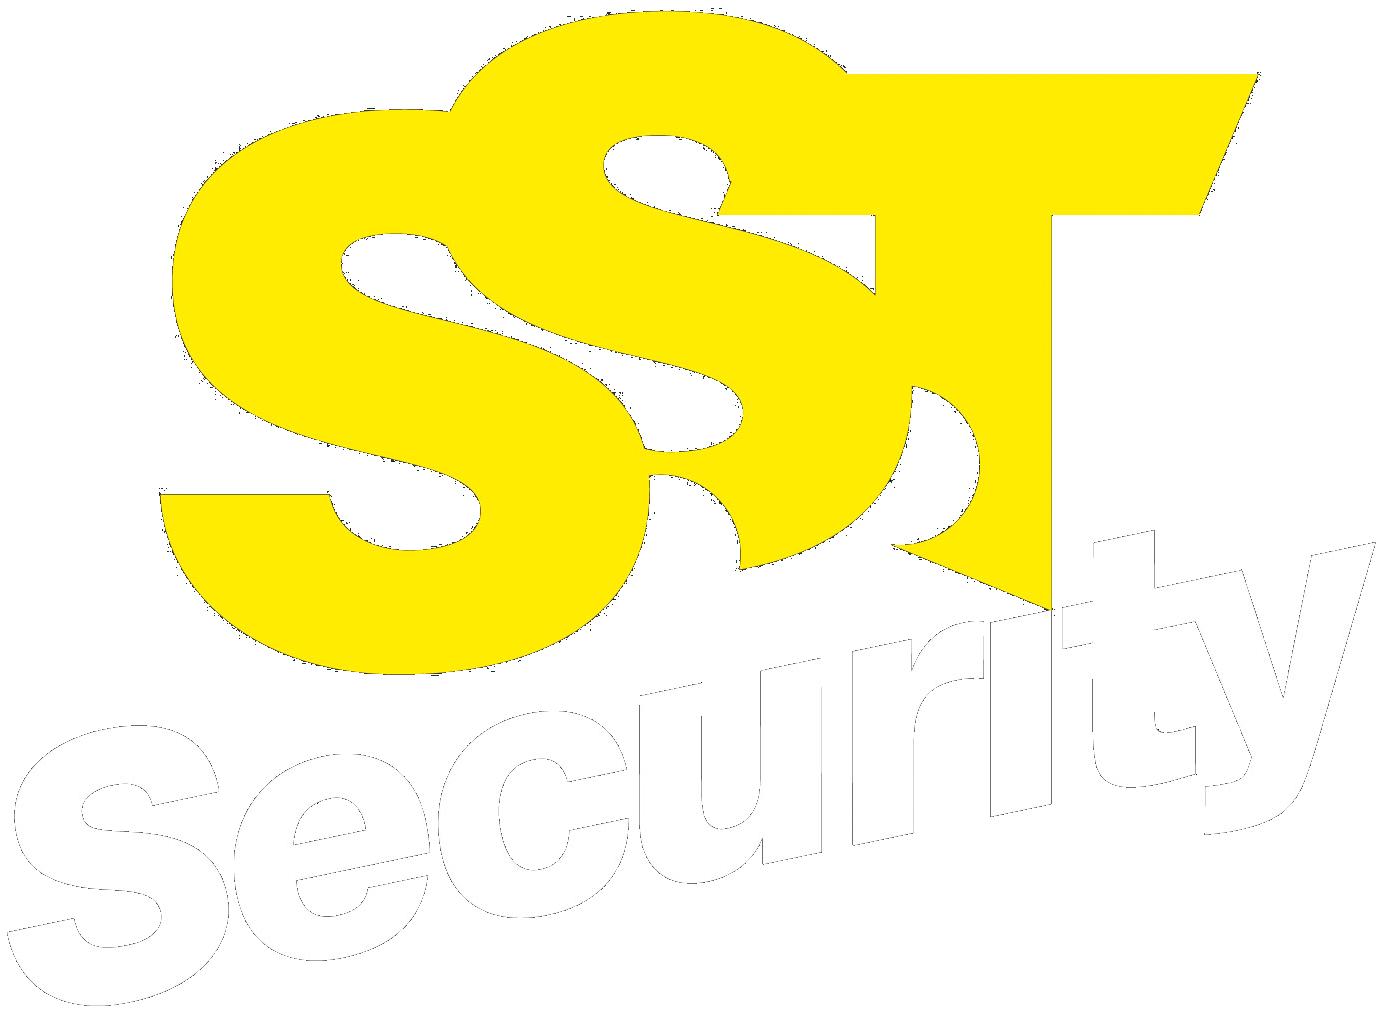 S.S.T. Security - Ihr Sicherheitsdienst und Security in Oberösterreich | S.S.T. unsere Leistungen Schutz von Lokalen, Veranstaltungsschutz, Gebäudesicherung, Stadiondienst, Sicherheitskonzepte, Urlaubsüberwachung und vieles mehr ...